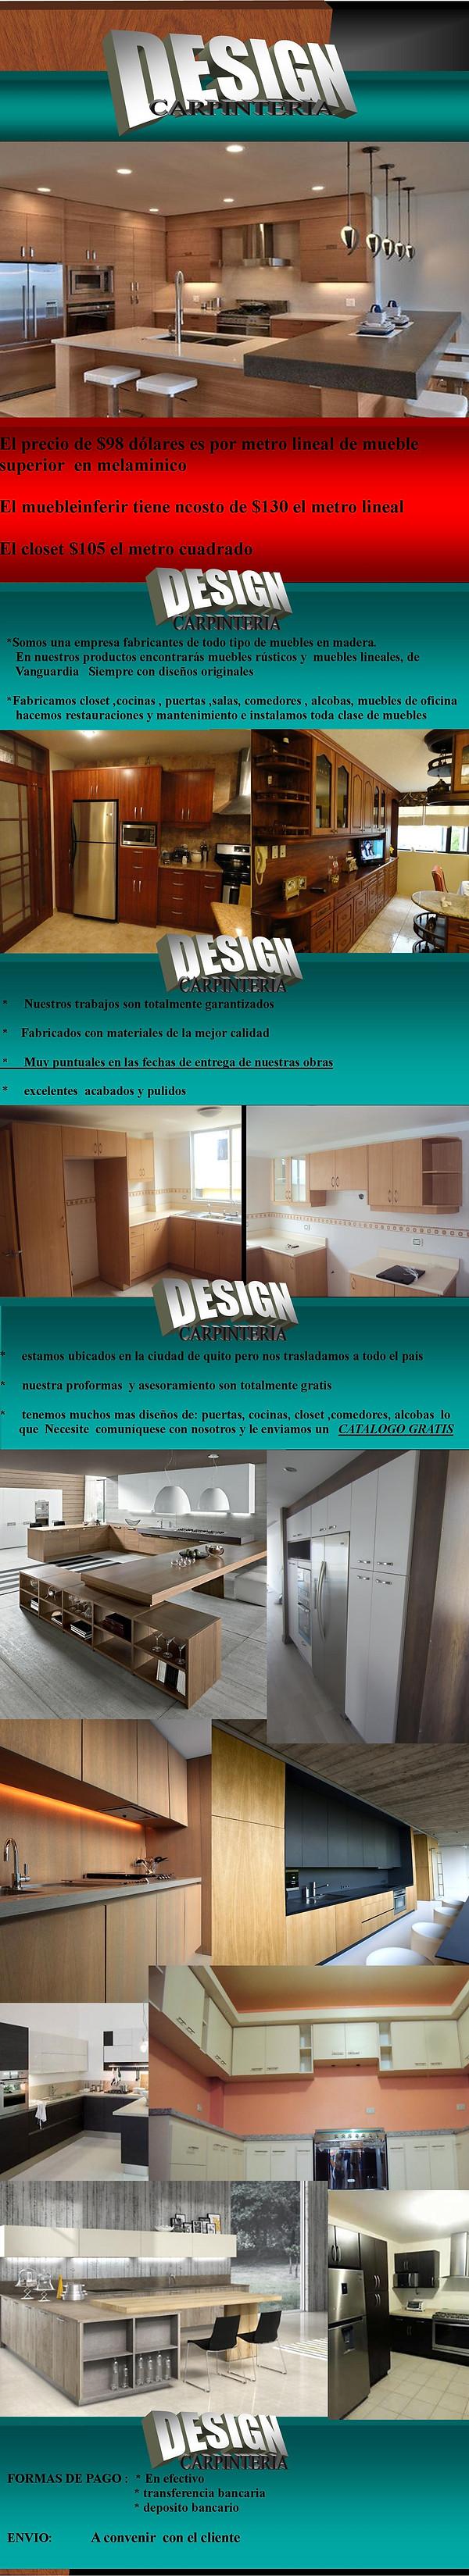 muebles de cocina closet y puertas y todo lo que deses para tu hogar